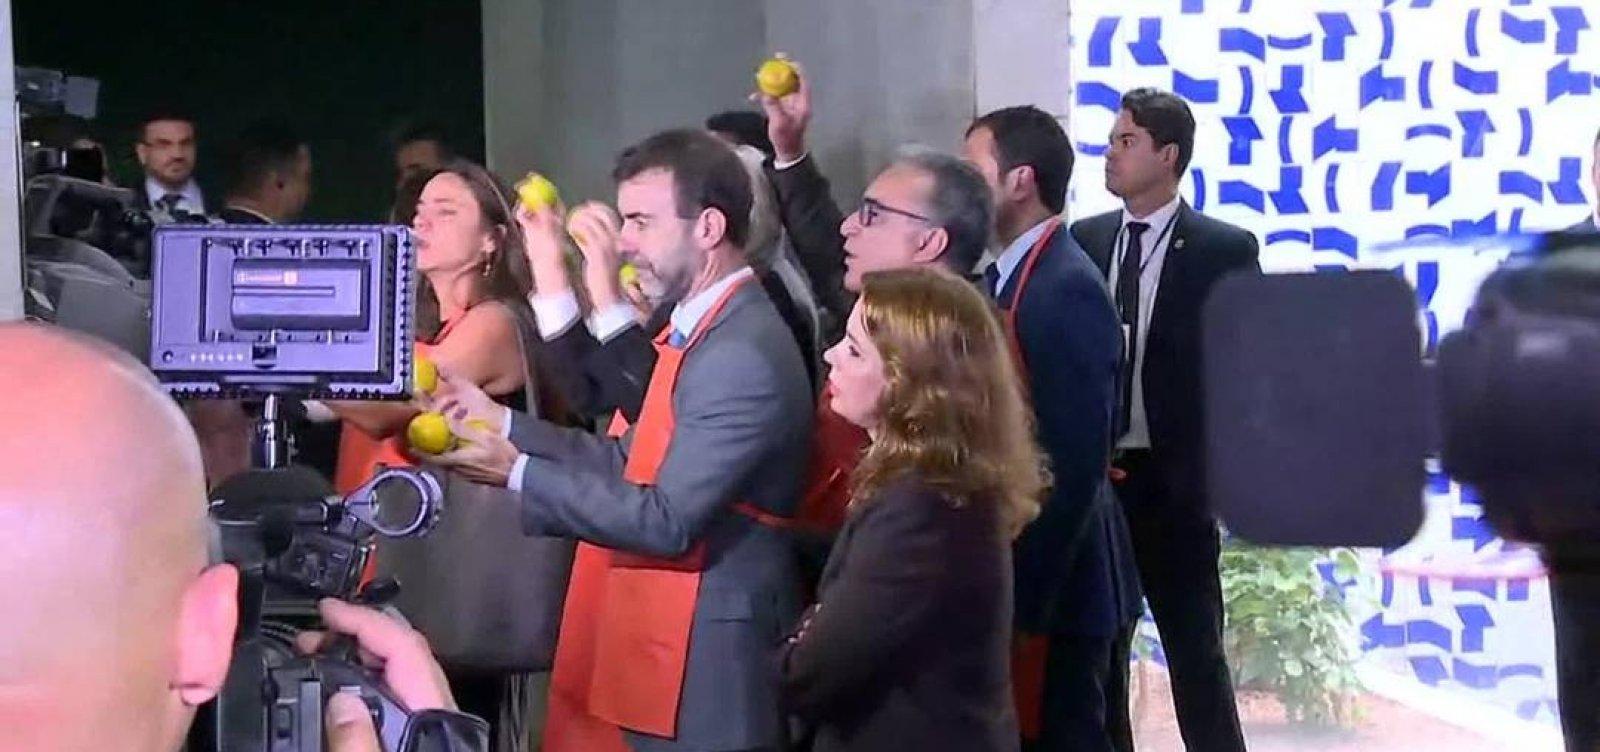 [Oposição leva laranjas a Bolsonaro durante apresentação proposta de reforma da Previdência]